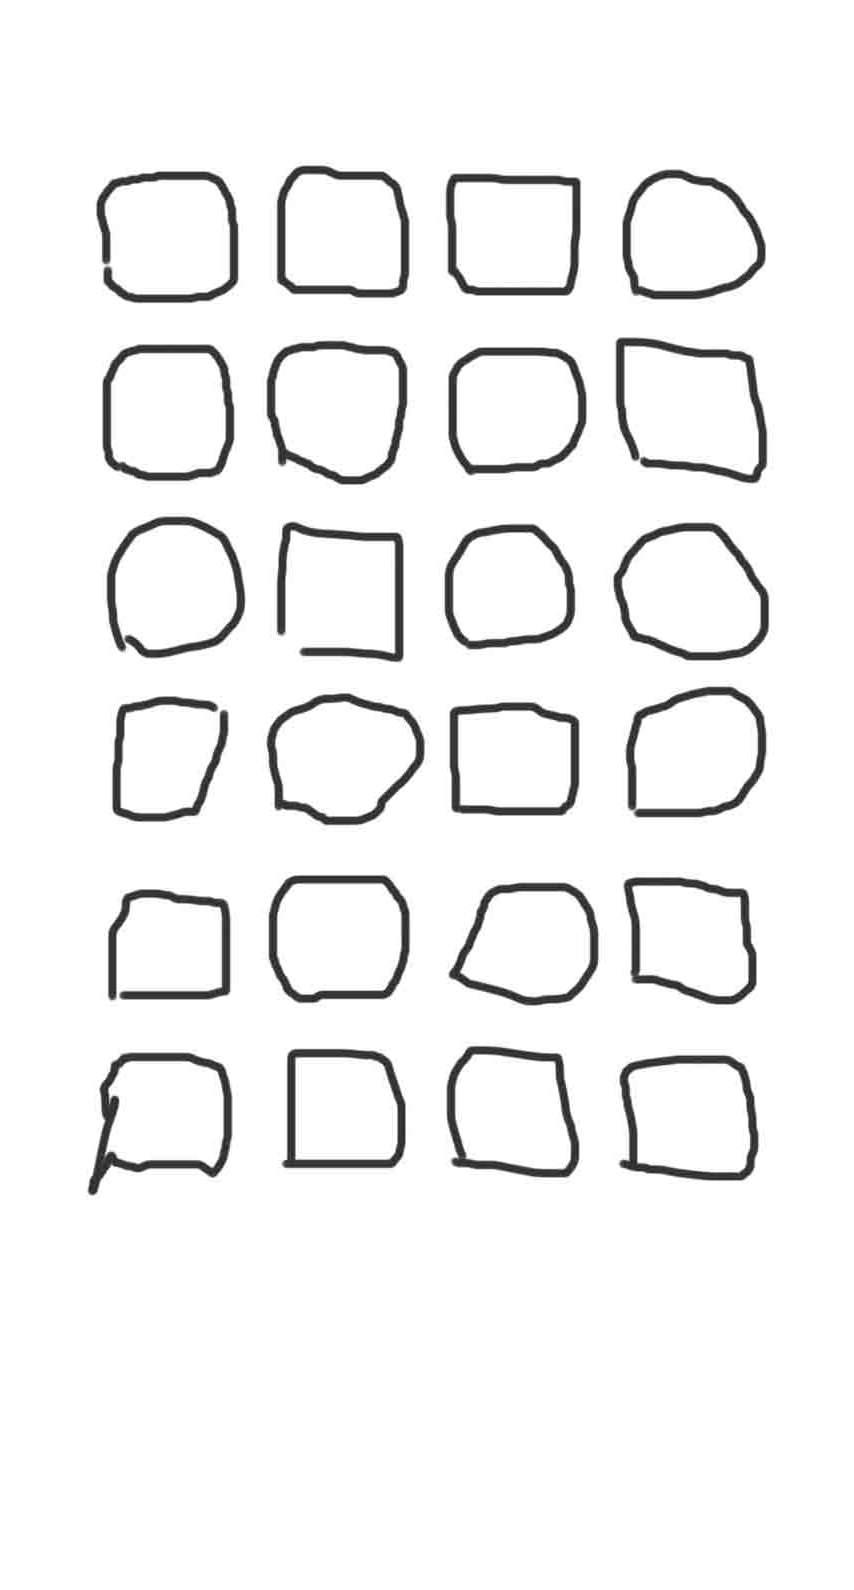 Rak Garis Hitam Putih Wallpaper Sc Iphone8